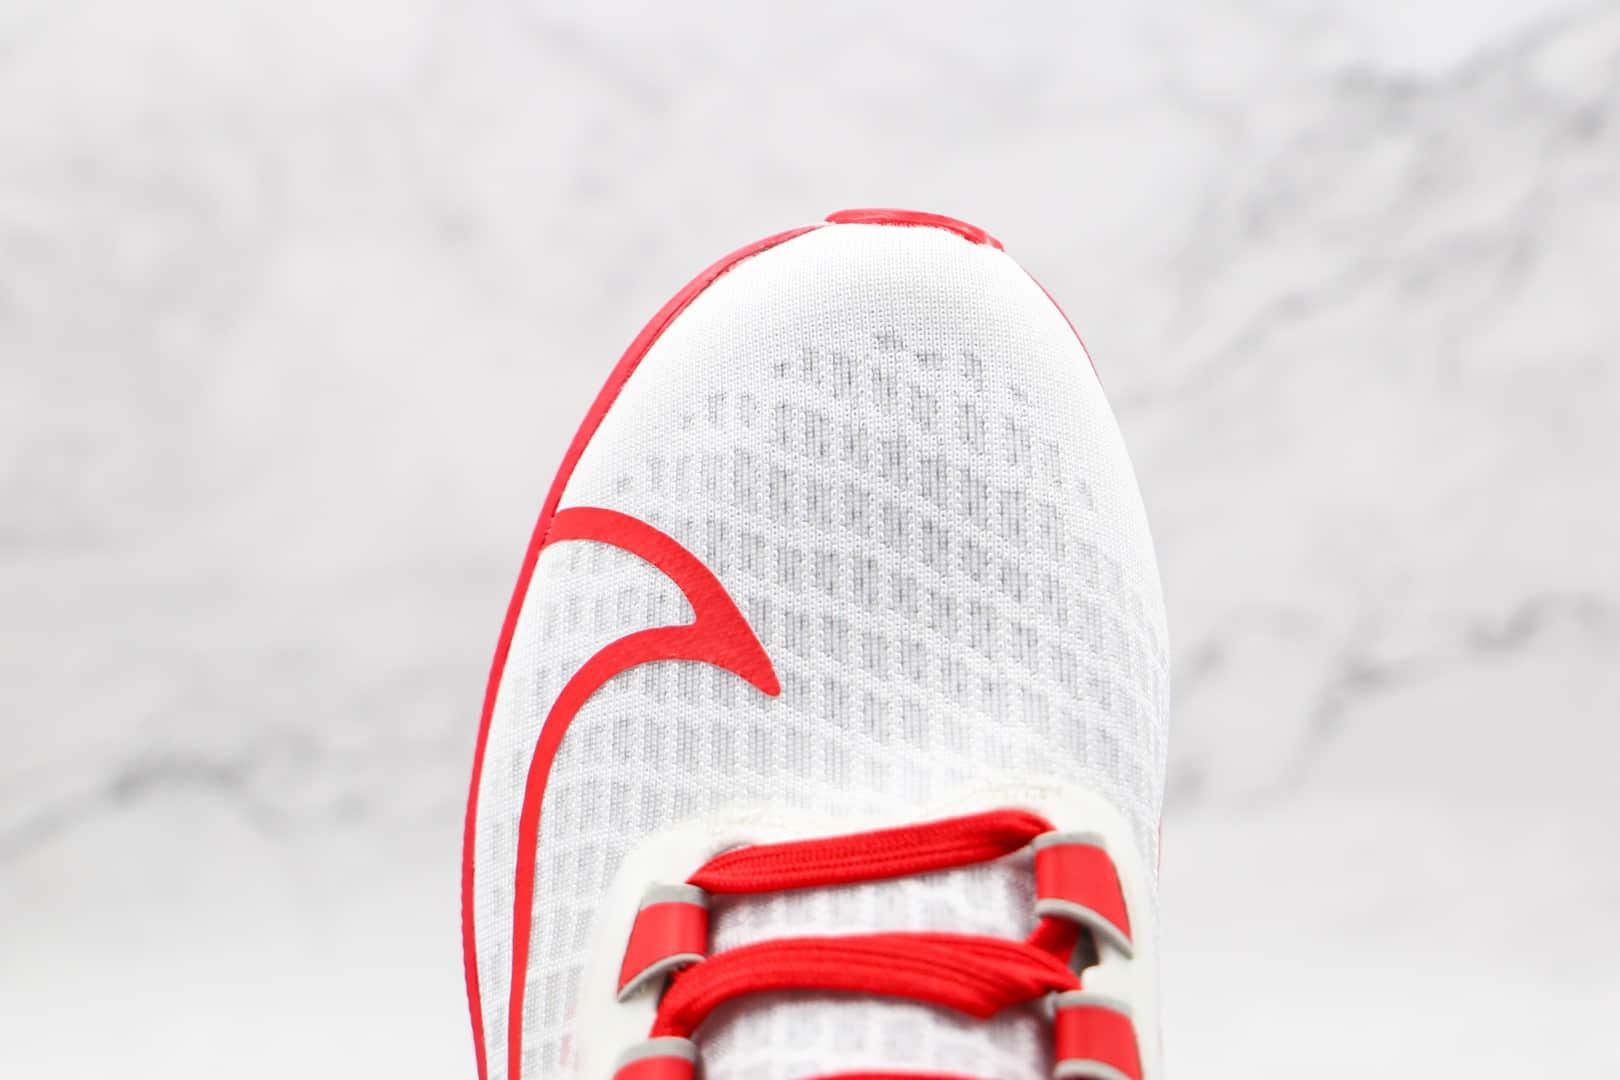 耐克Nike Air Zoom Pegasus 37 PRM纯原版本登月37代大钩白红色跑步鞋原盒原标 货号:CZ5385-100